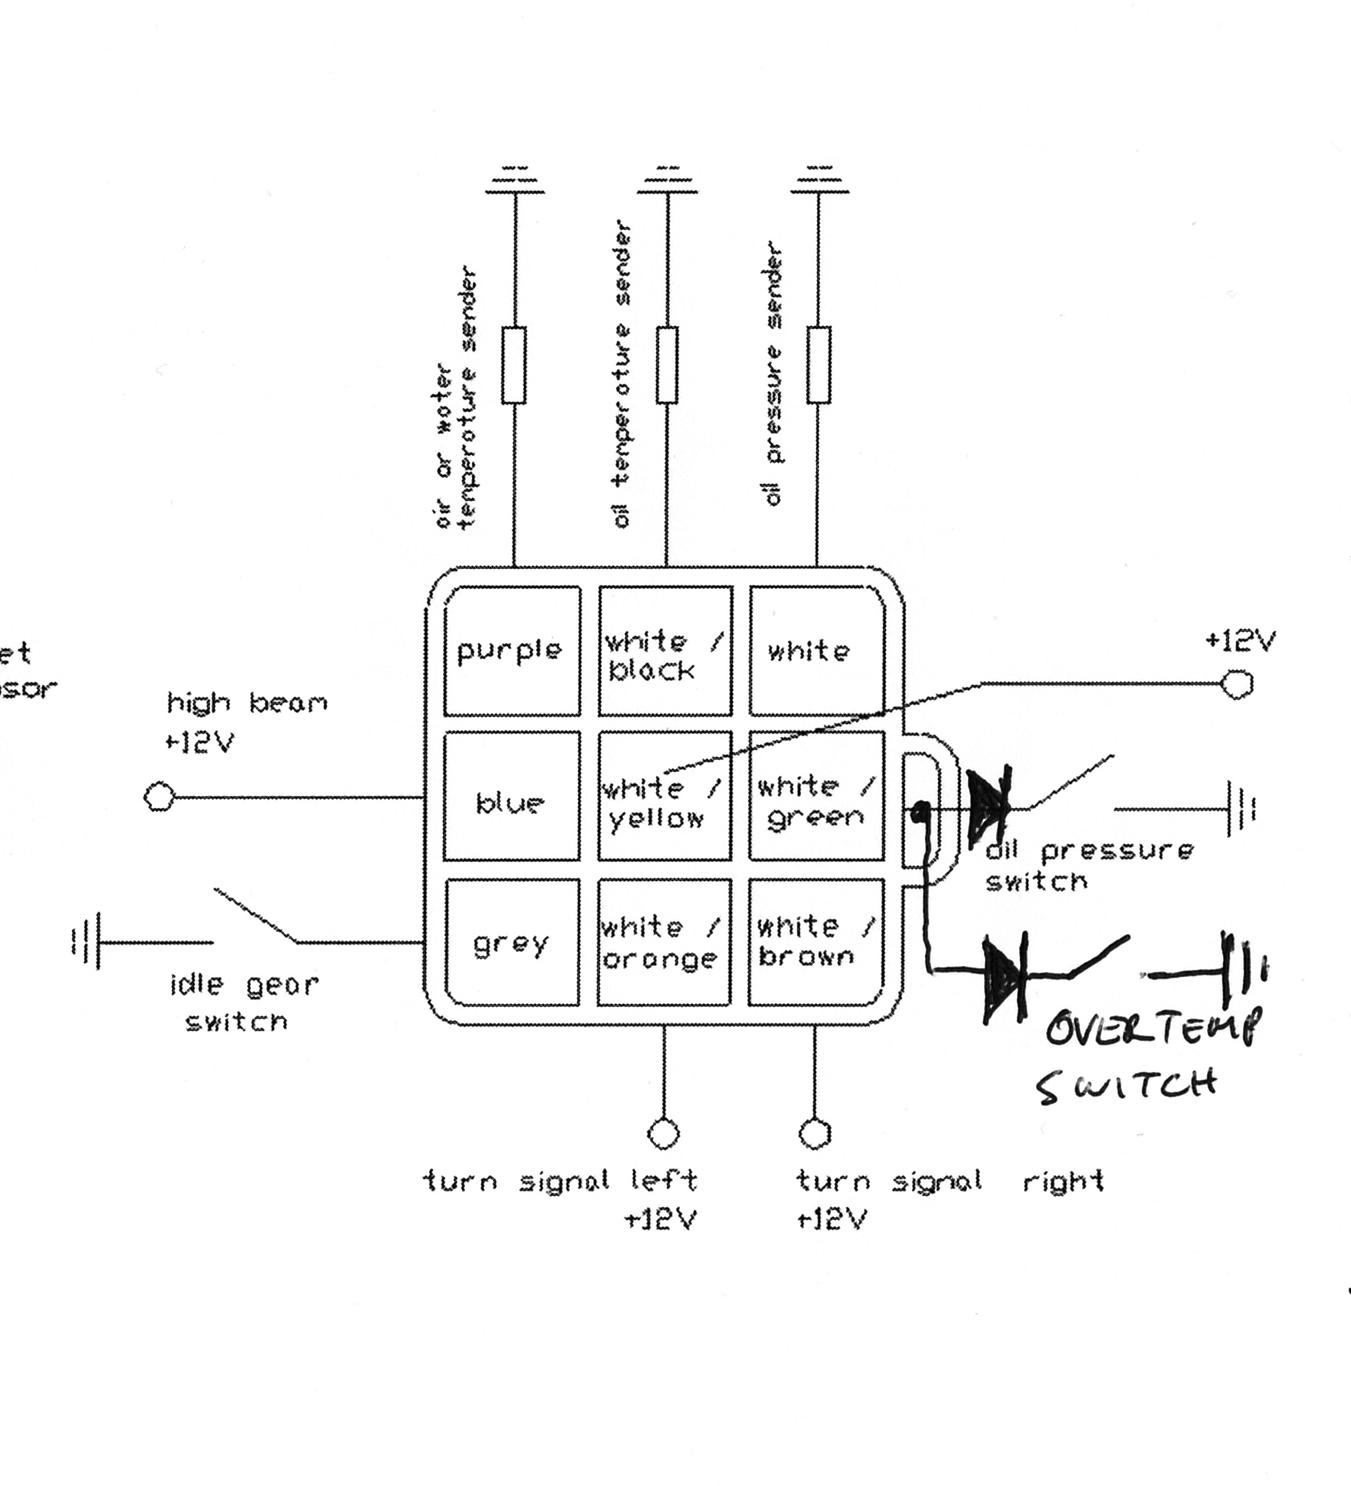 k75 re wiring my bmw k75 retro customization bmw k75 wiring diagram bmw k100 wiring loom [ 1351 x 1486 Pixel ]